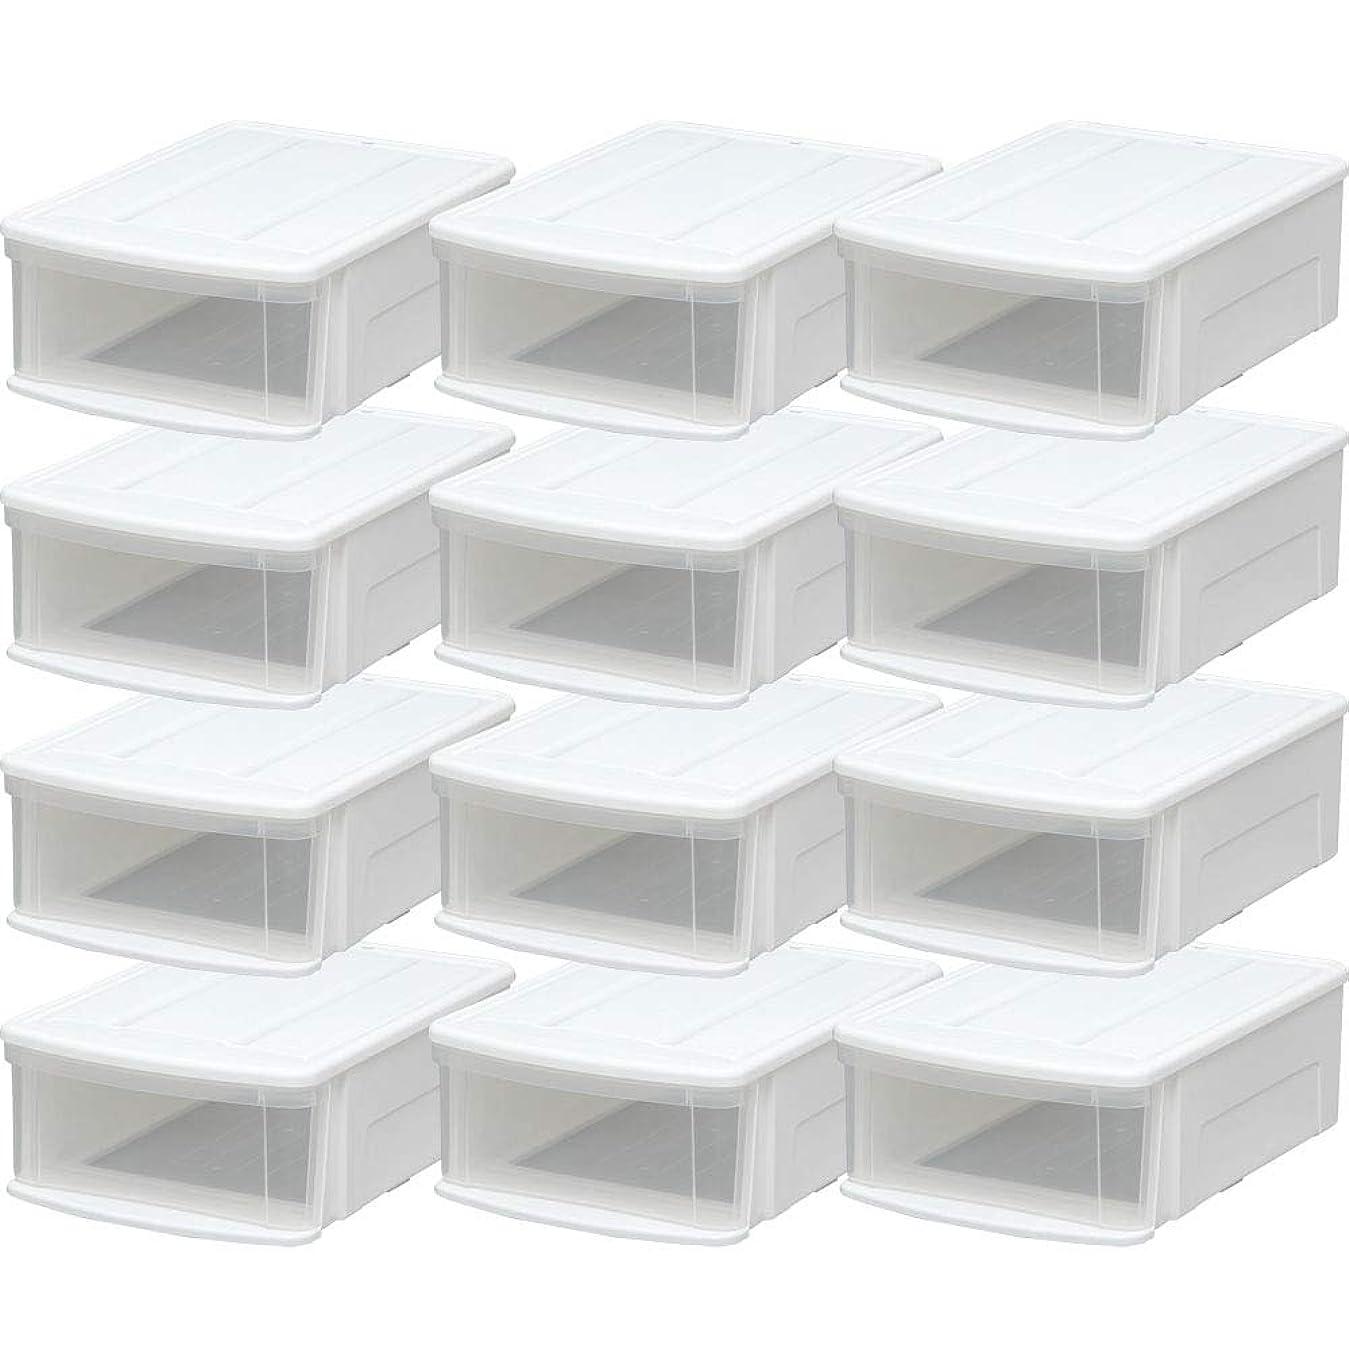 純正特定の事務所アイリスオーヤマ(IRIS) チェスト ホワイト M 幅37.6×奥行52.8×高さ19.7cm M 12個セット